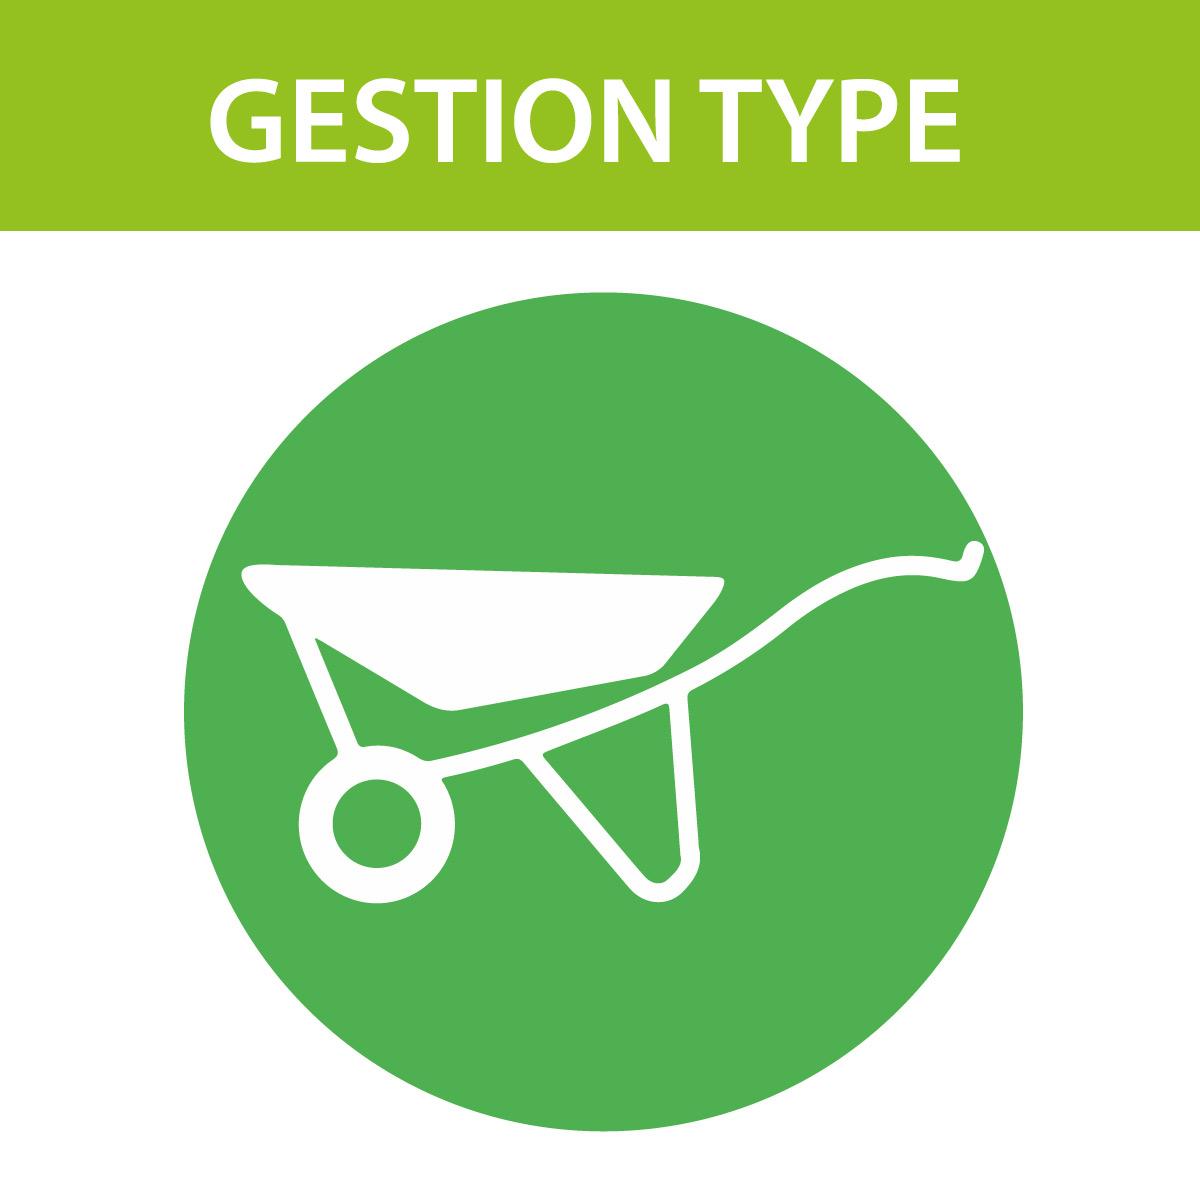 GESTION-TYPE-vignette-pdf-page-activites-flore-gourmande